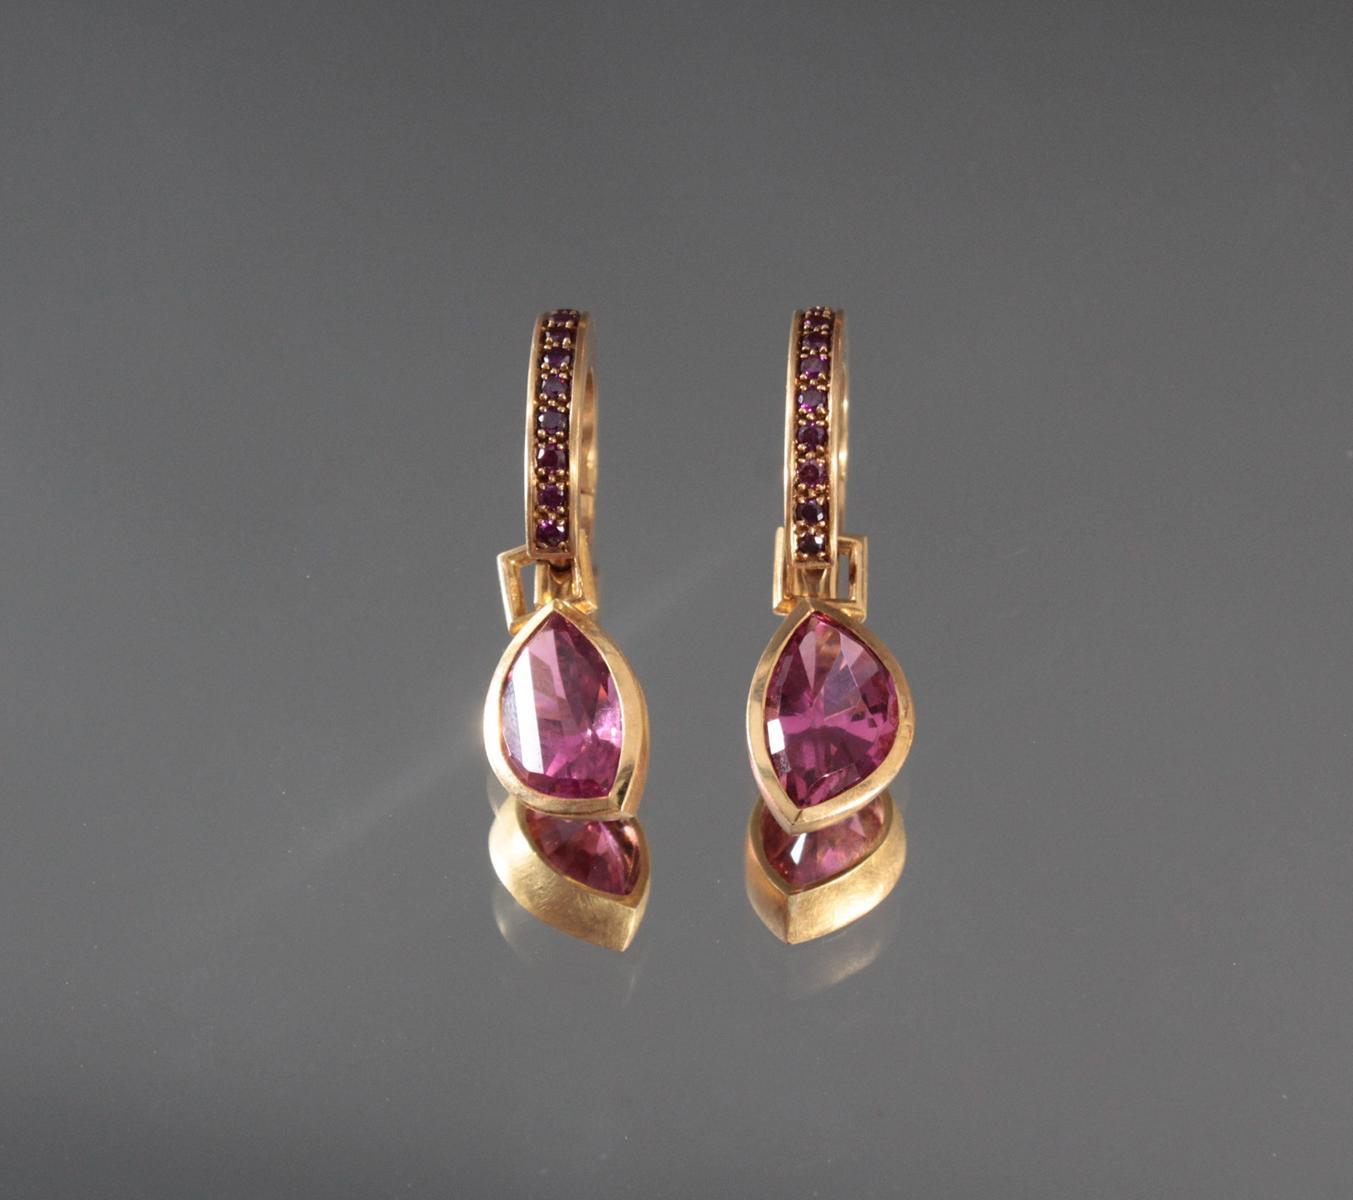 Paar Ohrringe mit facettierten Peridoten aus 18 Karat Gelbgold